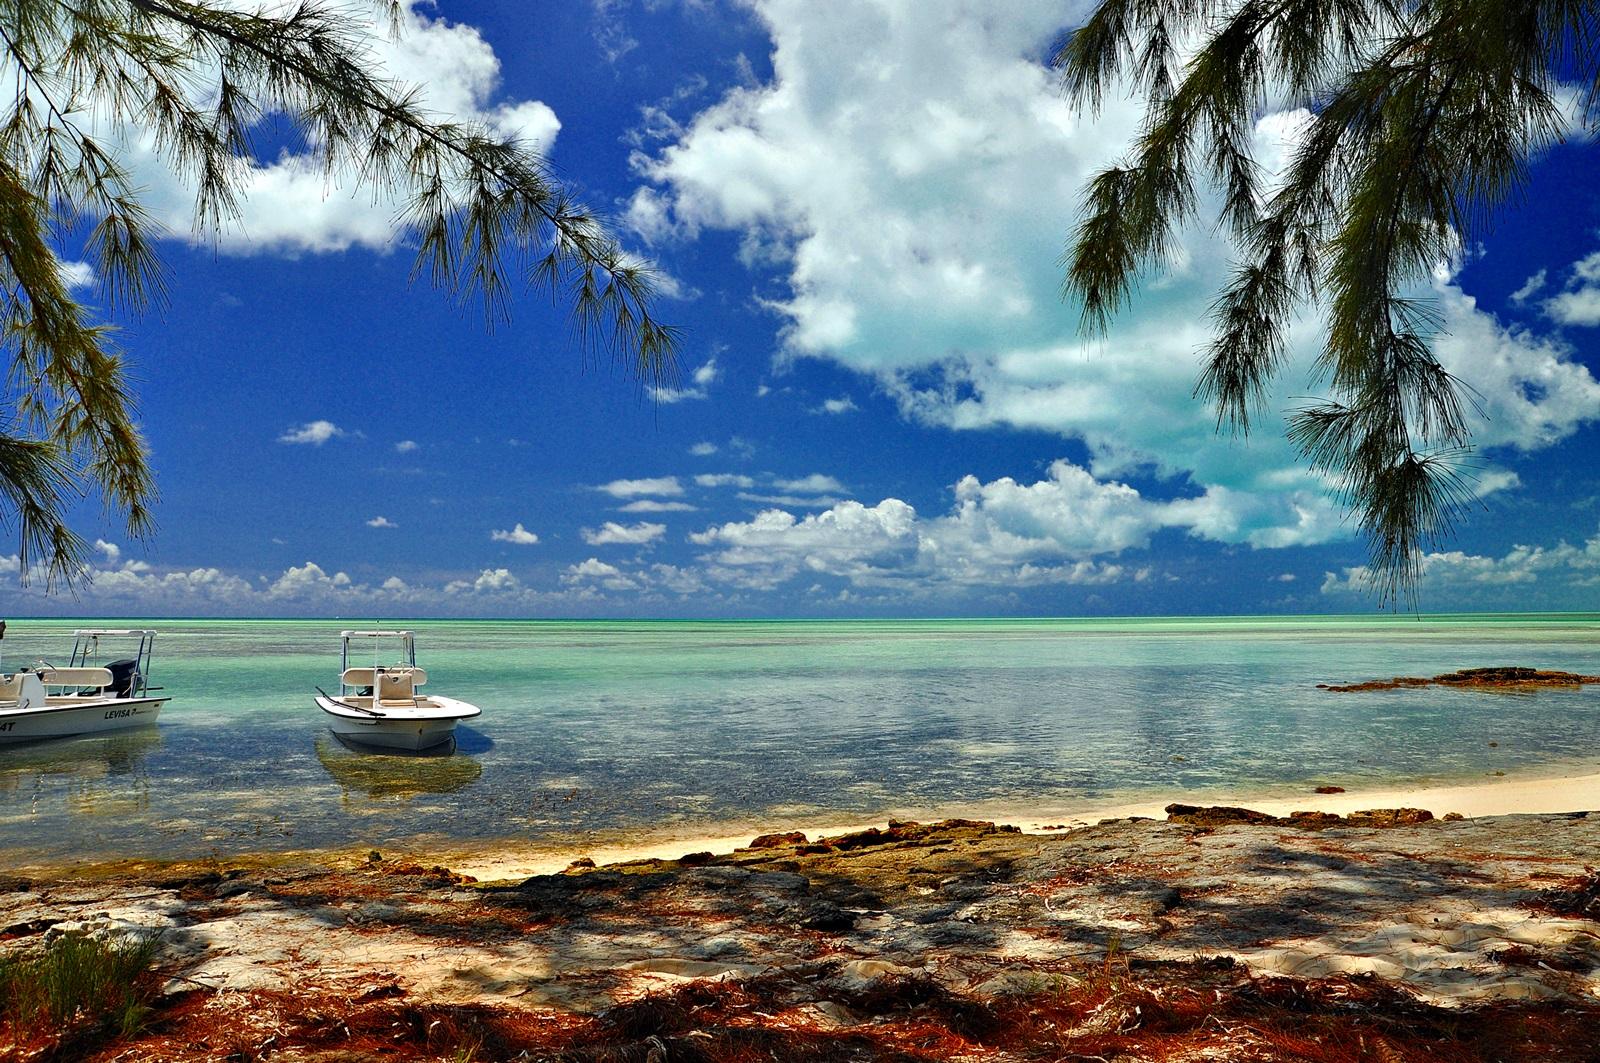 selv lunchen mellom fiskeøktene er som i paradis